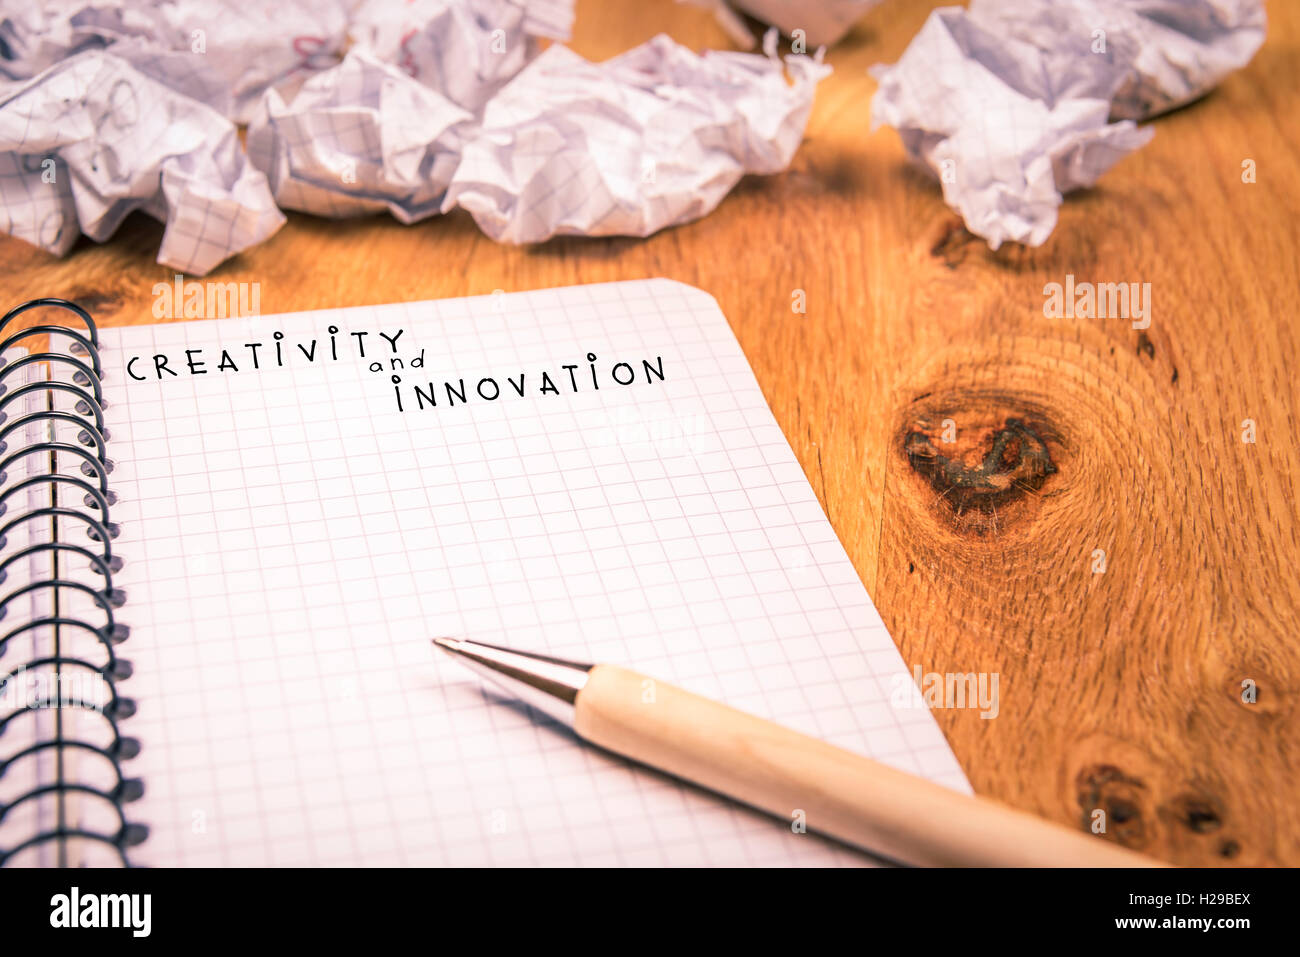 La créativité et l'innovation concept Photo Stock